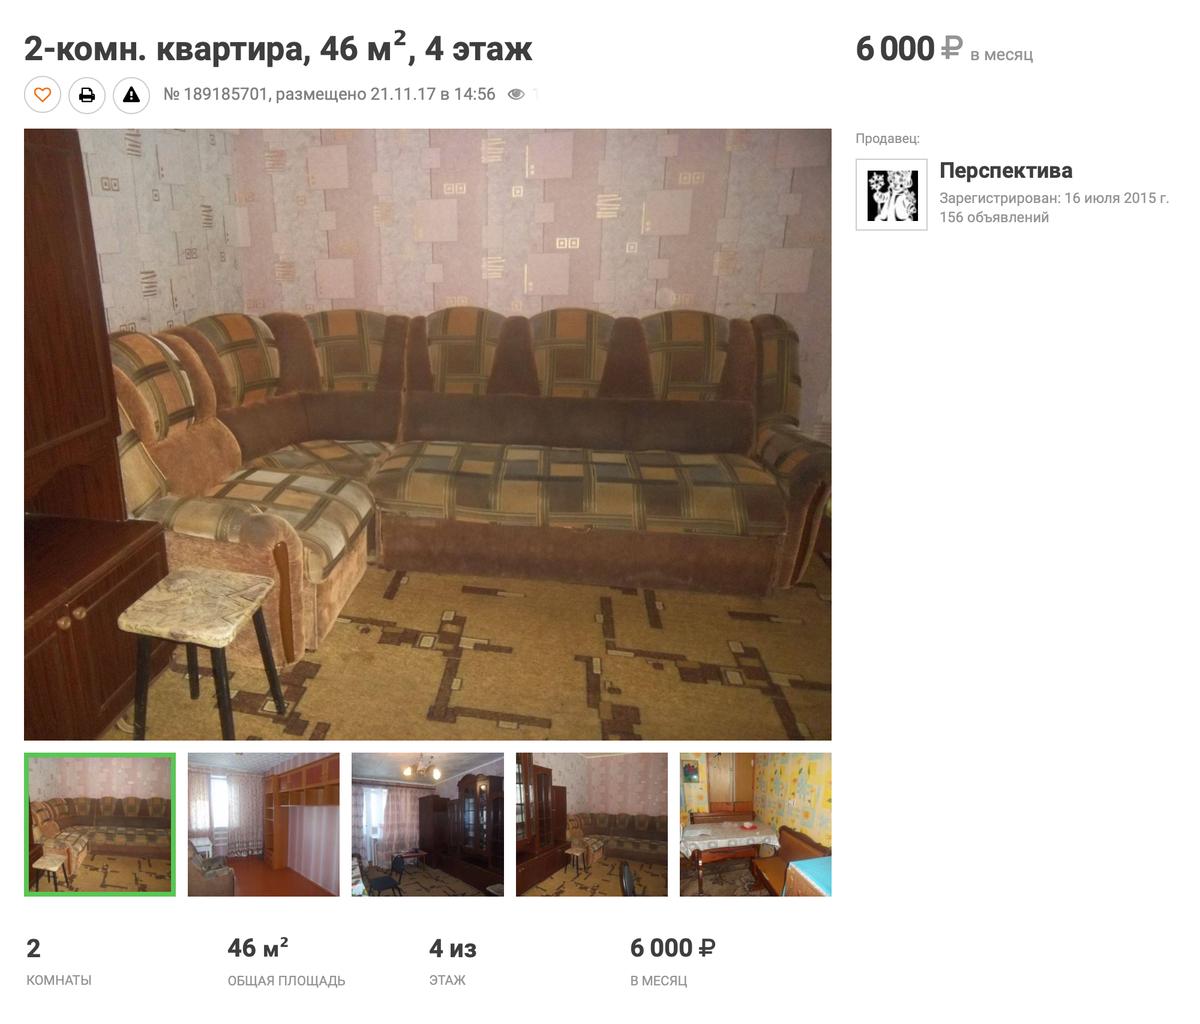 Предложений аренды мало: вЯруге много пограничников, которые снимают квартиры длясвоих семей